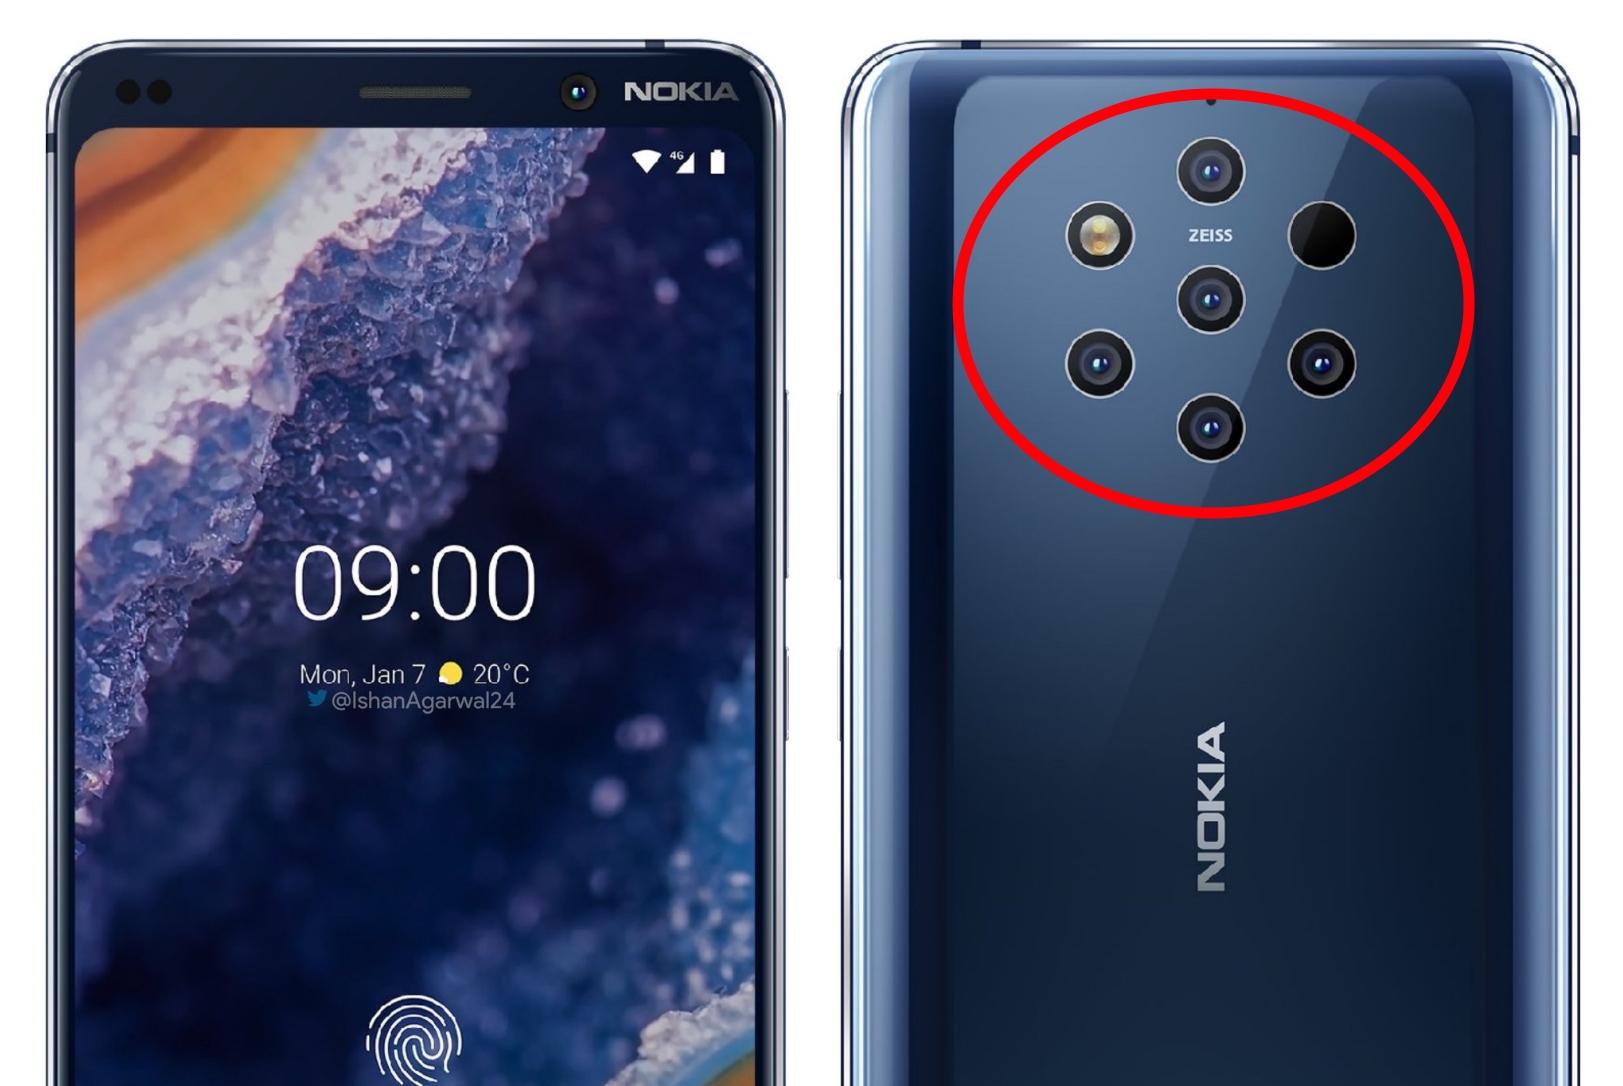 Sjekk ut hva galningene hos Nokia skal lansere: Nokia 9 PureView med fem kameraer!